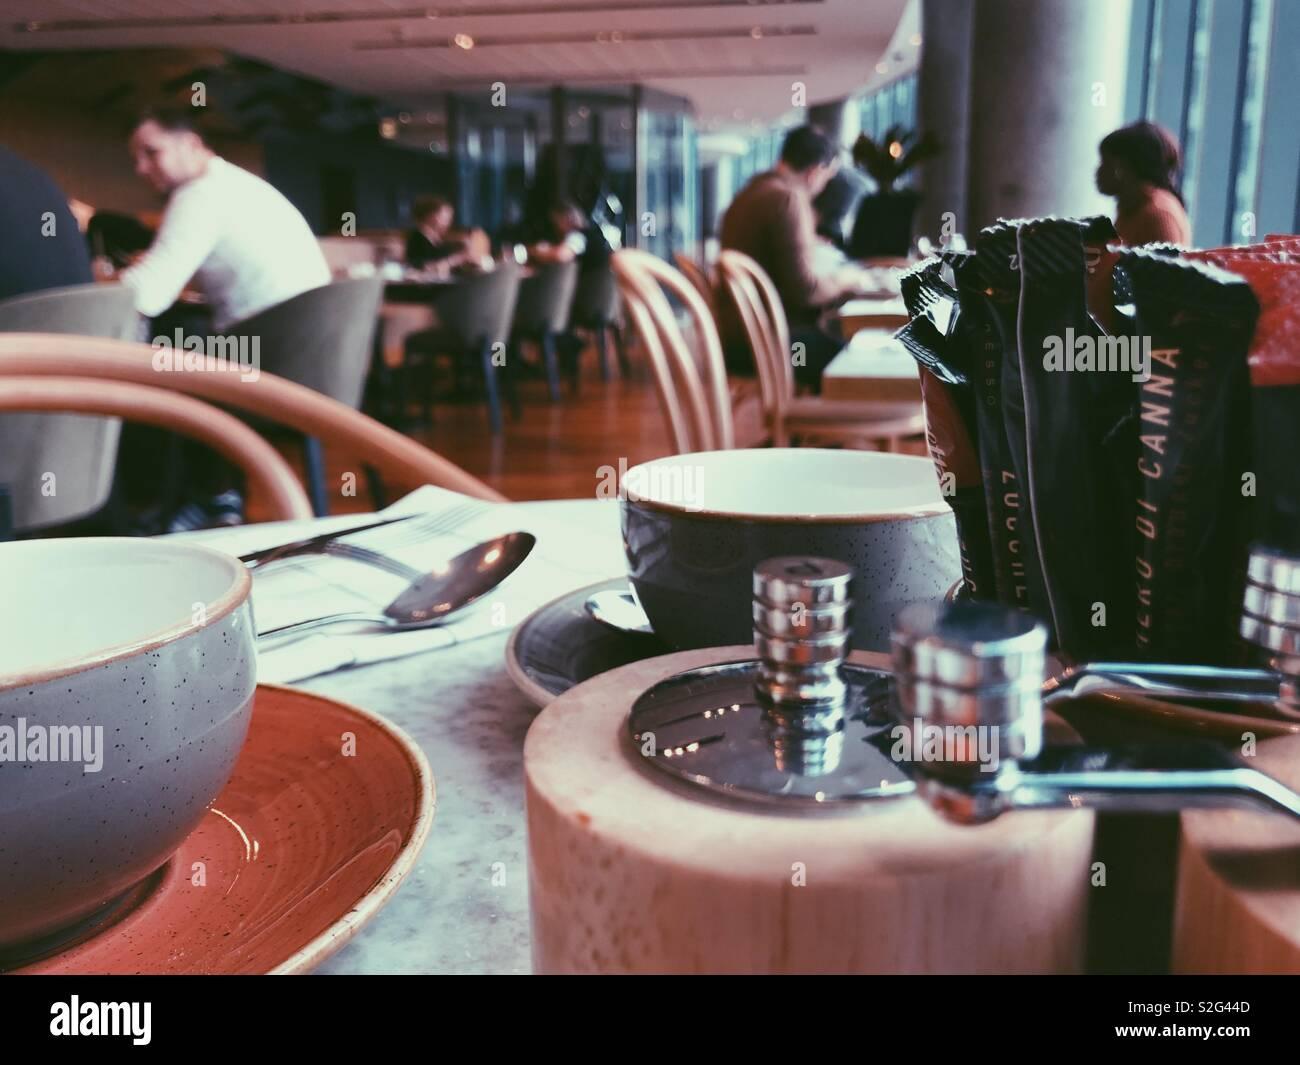 Voir à partir de la table des gens assis à des tables d'une pause buffet UK hôtel typique. Photo Stock